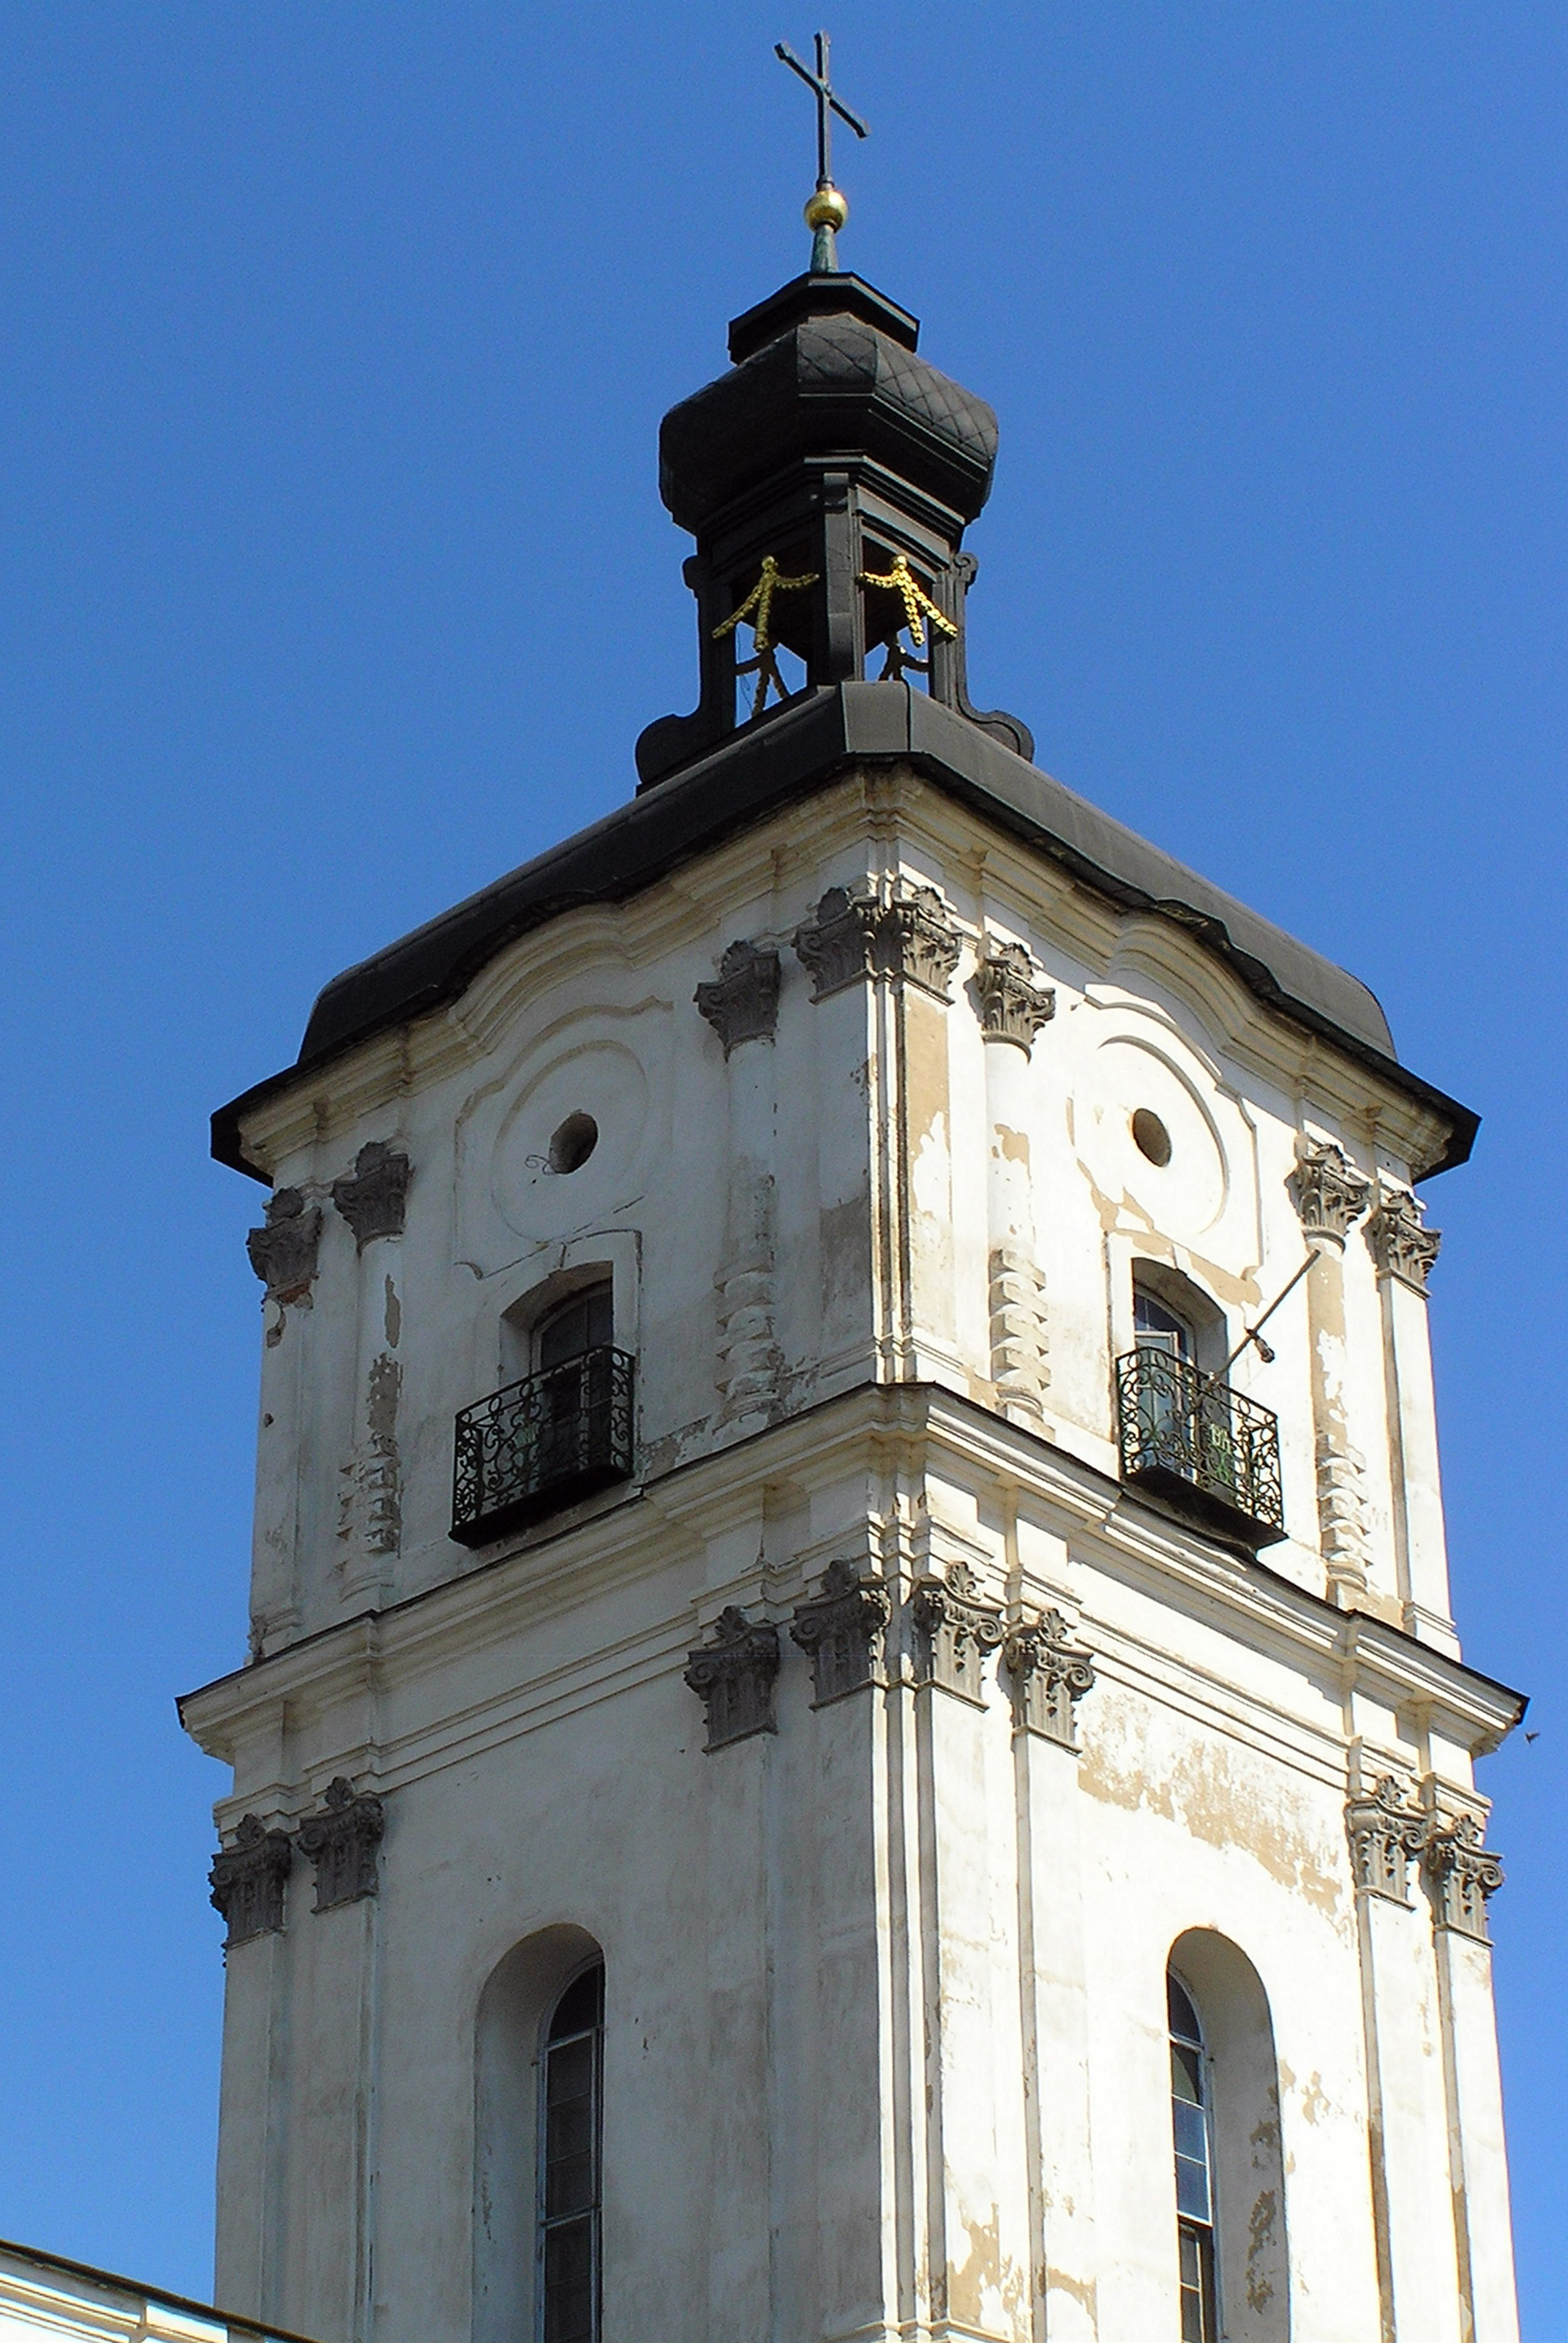 File:Carmelite Monastery in Berdychiv 3 jpg - Wikimedia Commons